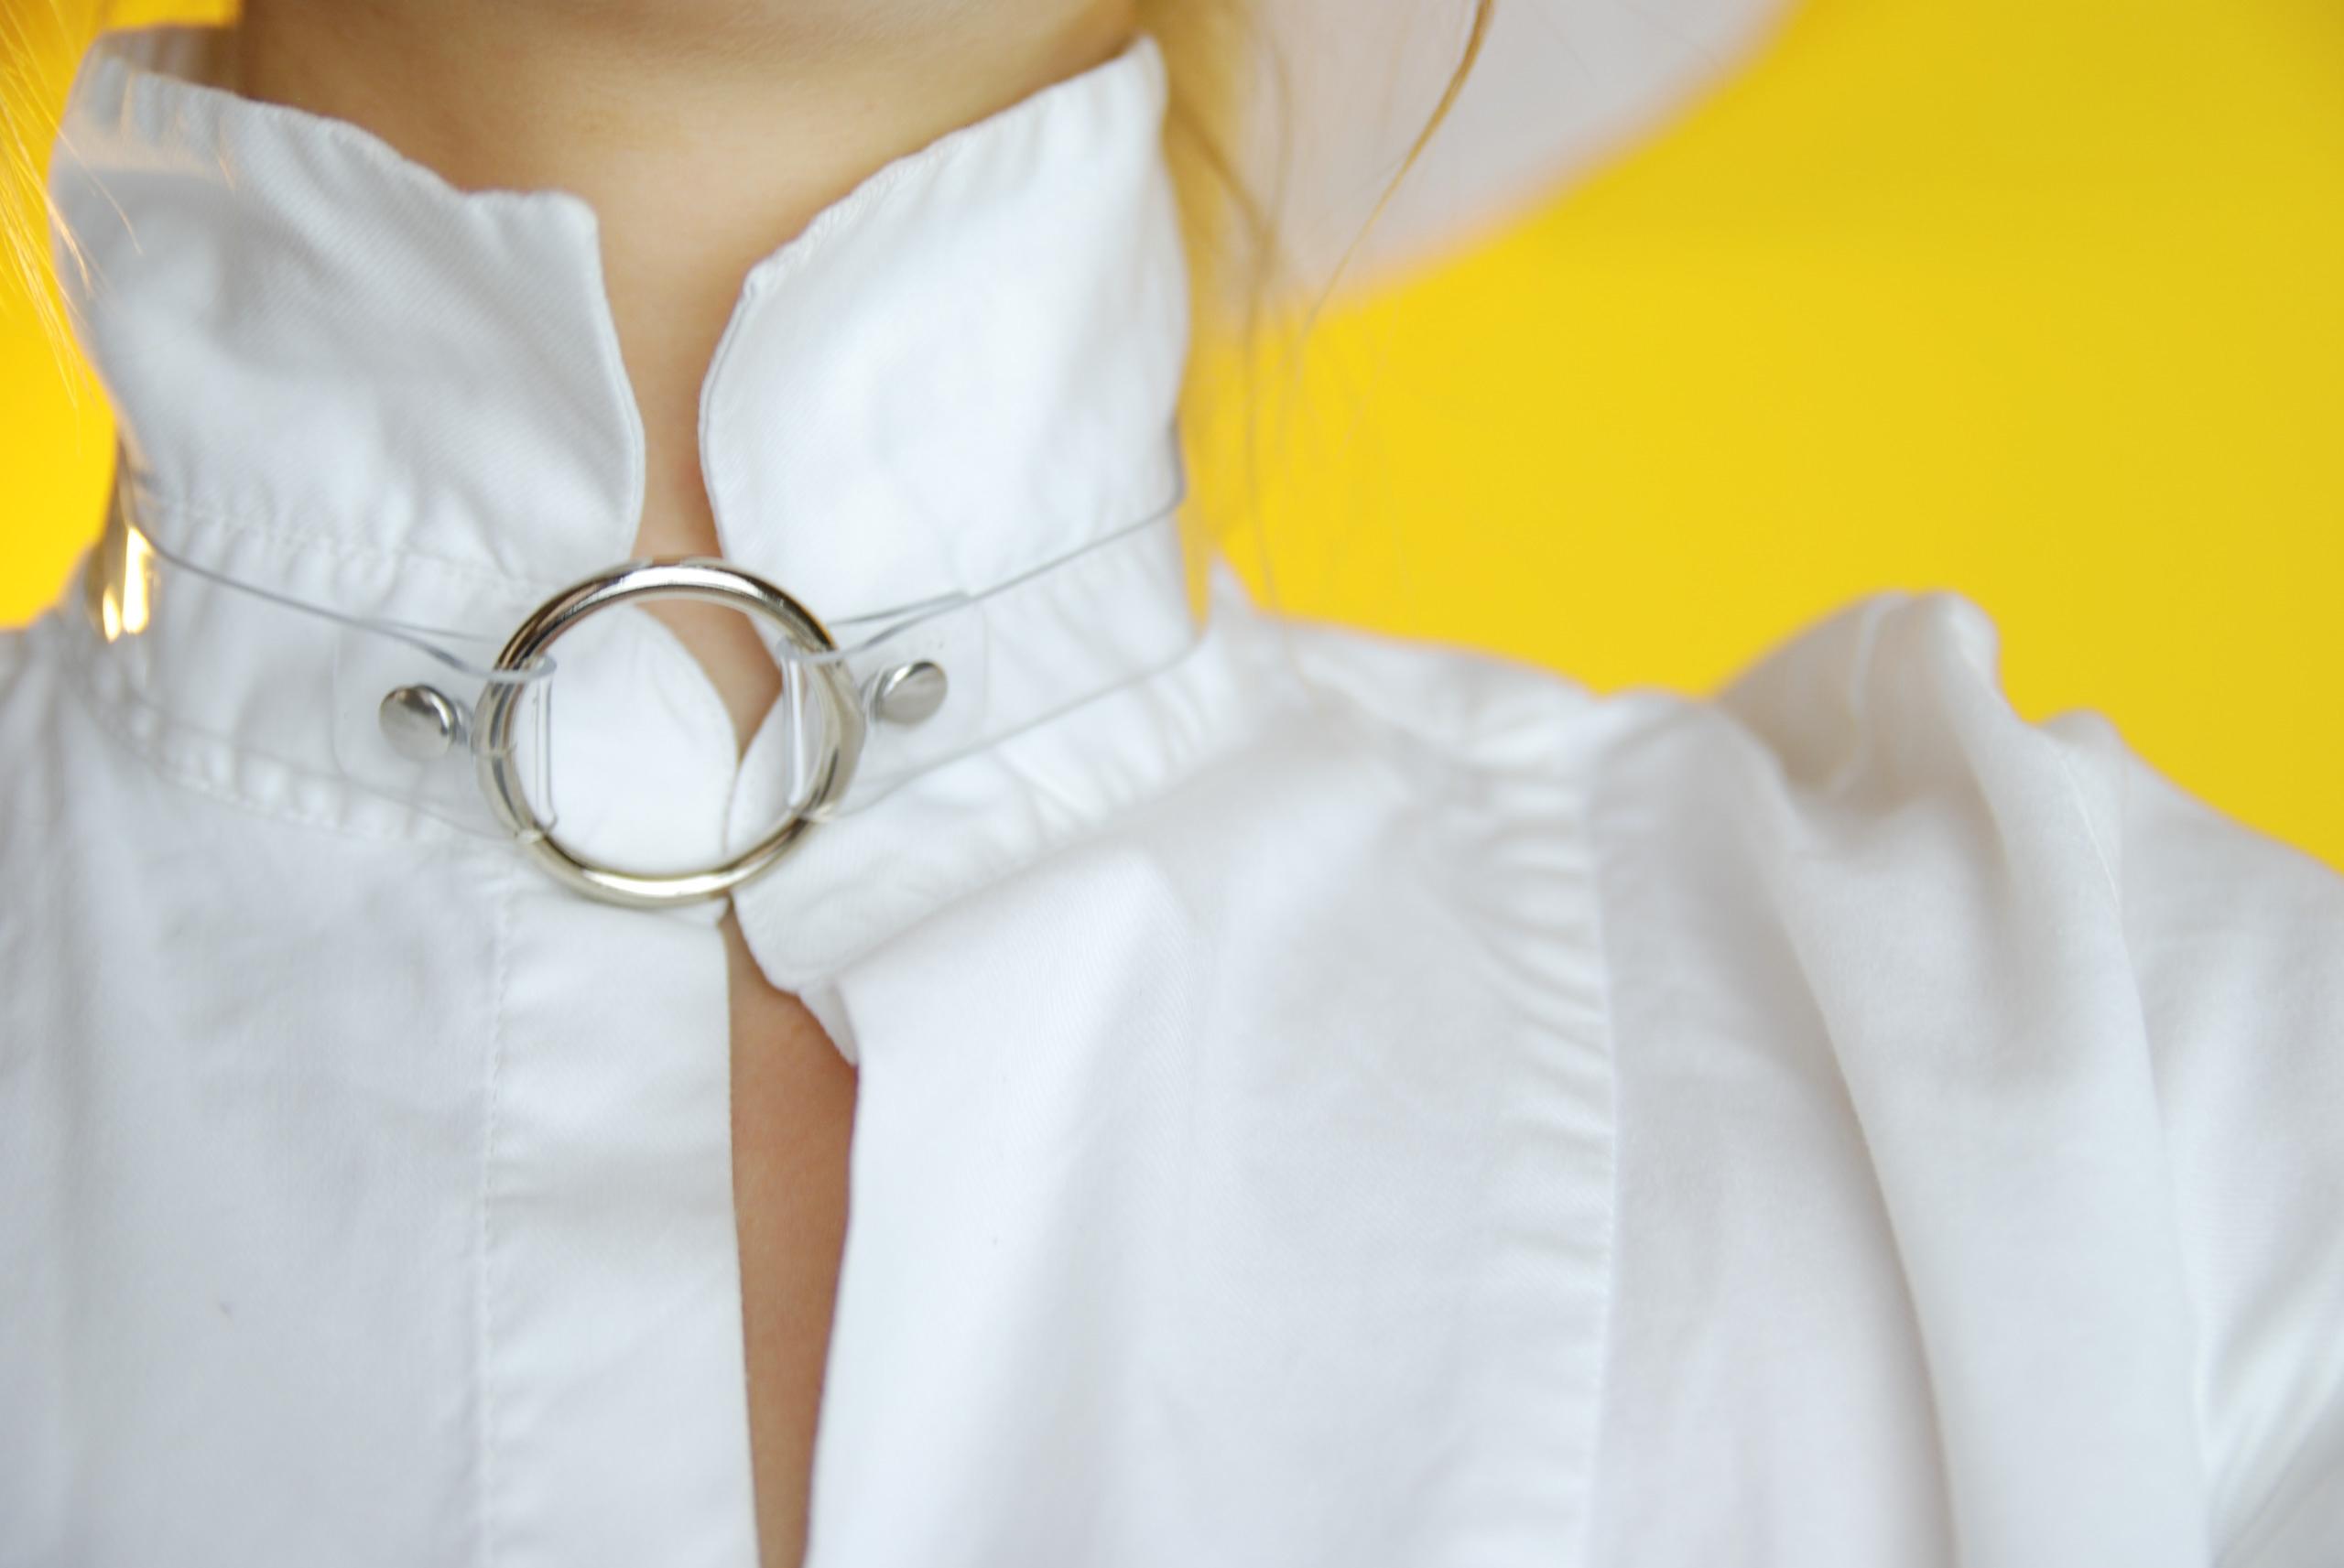 Zdjęcie przedstawia zbliżenie na szyję człowiek ubranego w białą koszulę, z tyłu widać żółte tło.